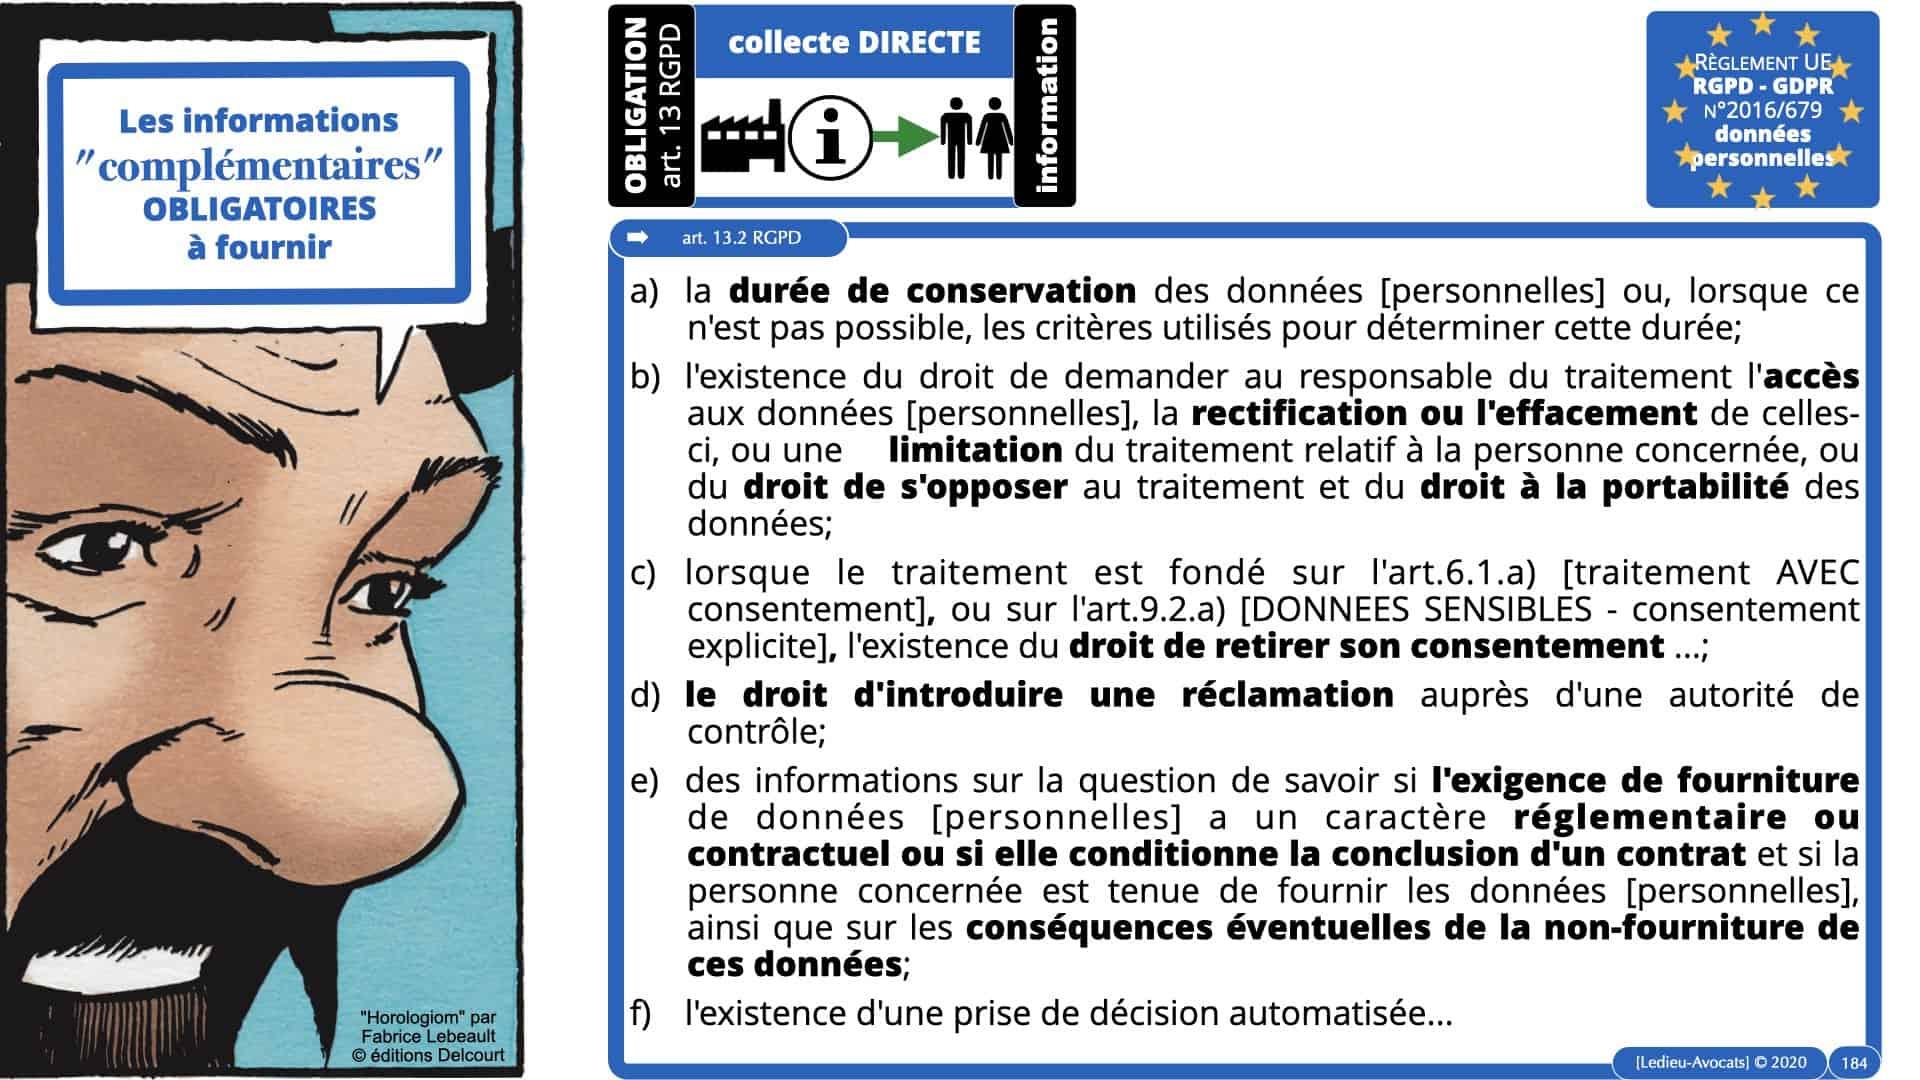 RGPD e-Privacy données personnelles jurisprudence formation Lamy Les Echos 10-02-2021 ©Ledieu-Avocats.184